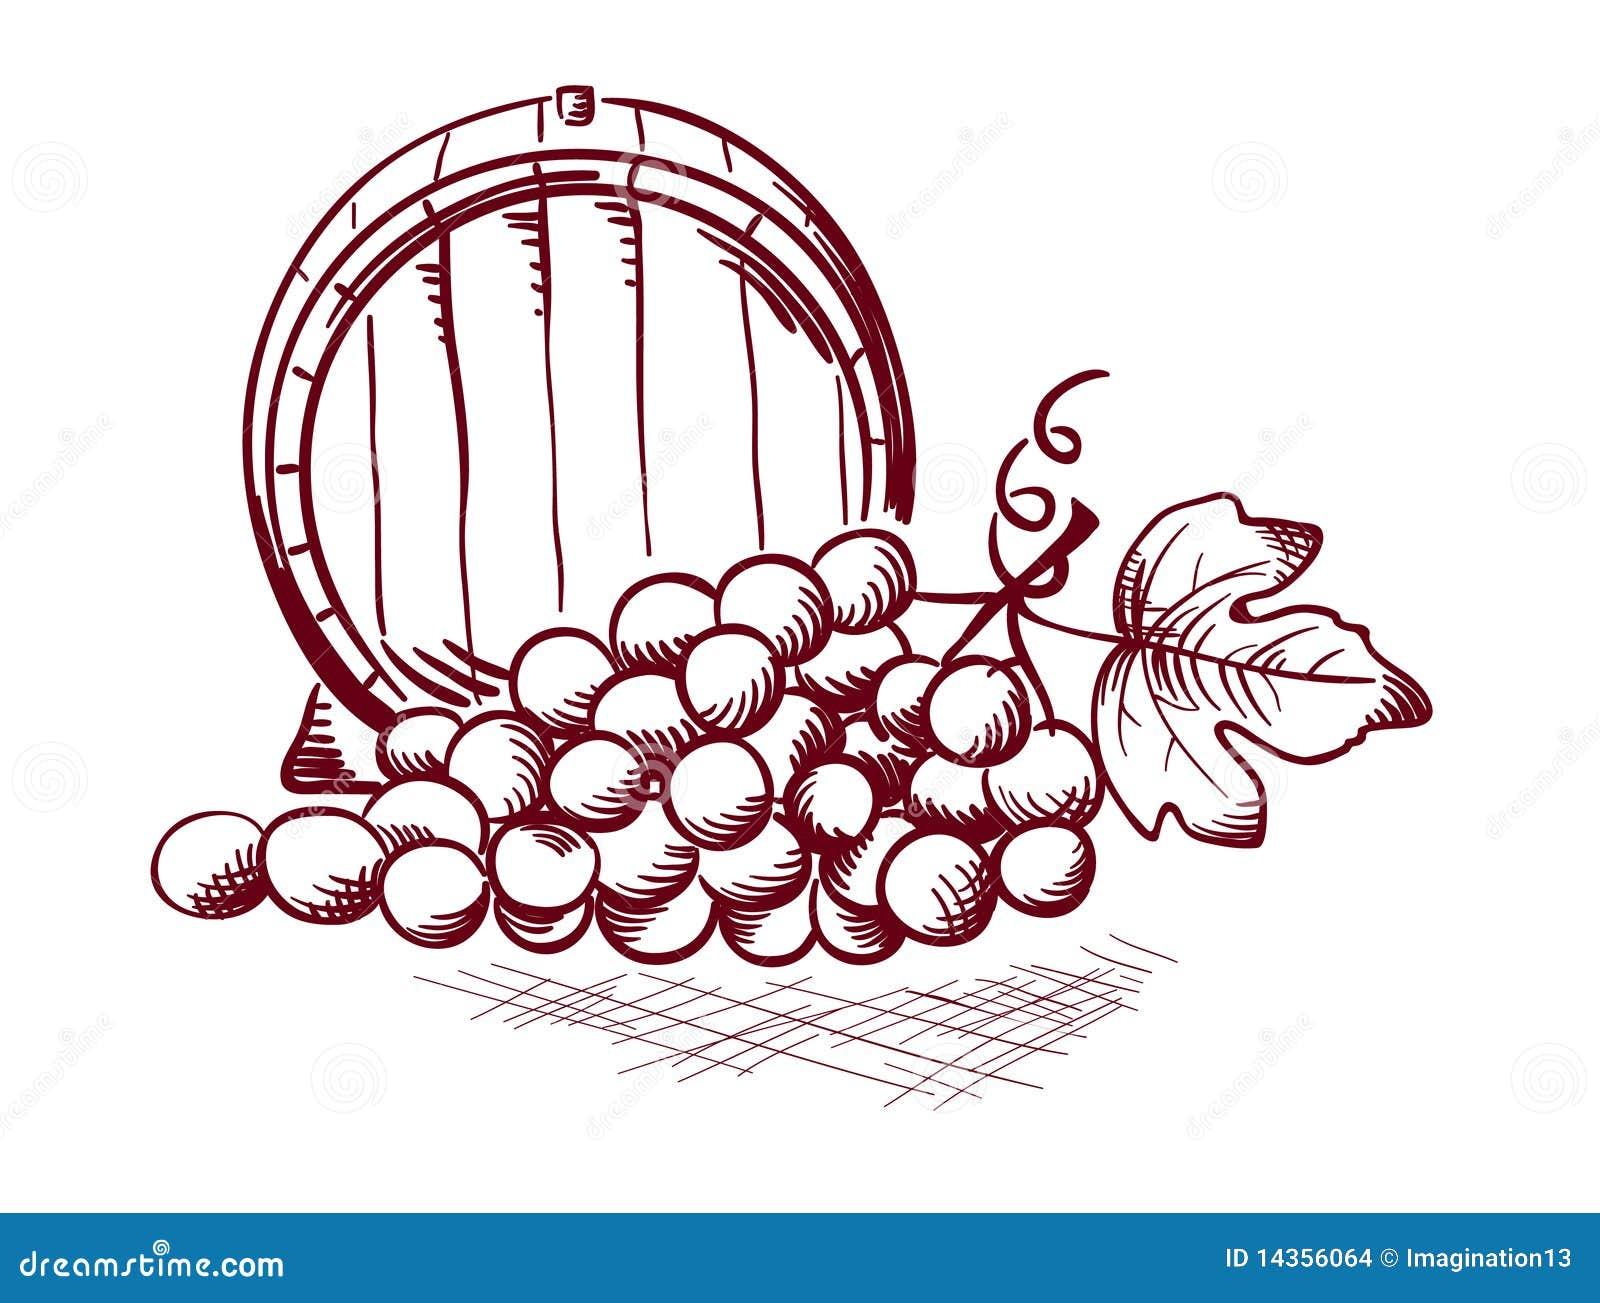 Barrel and grapes